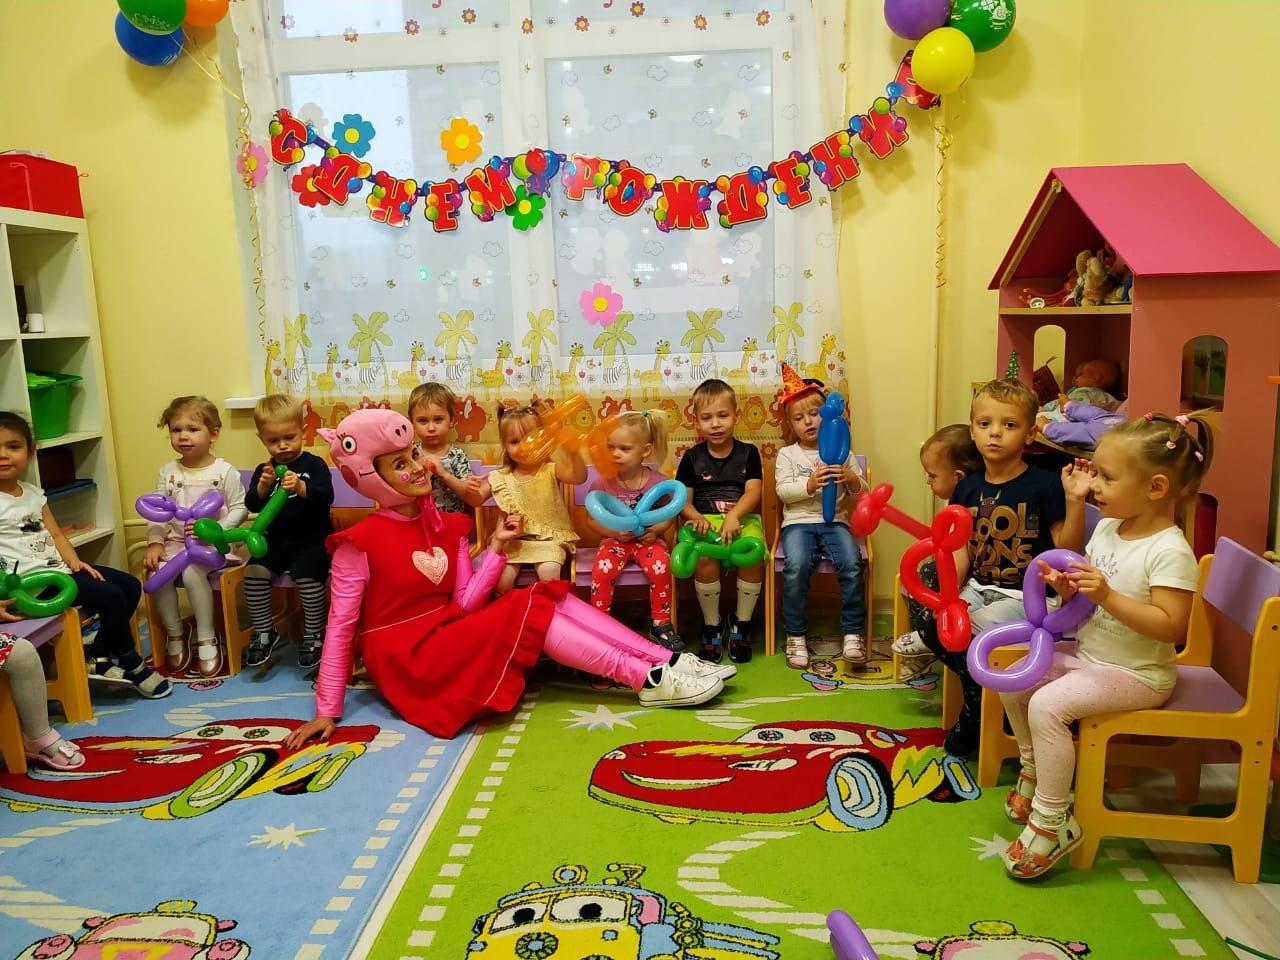 Частный детский сад Химки улица Молодежная 63 к 3